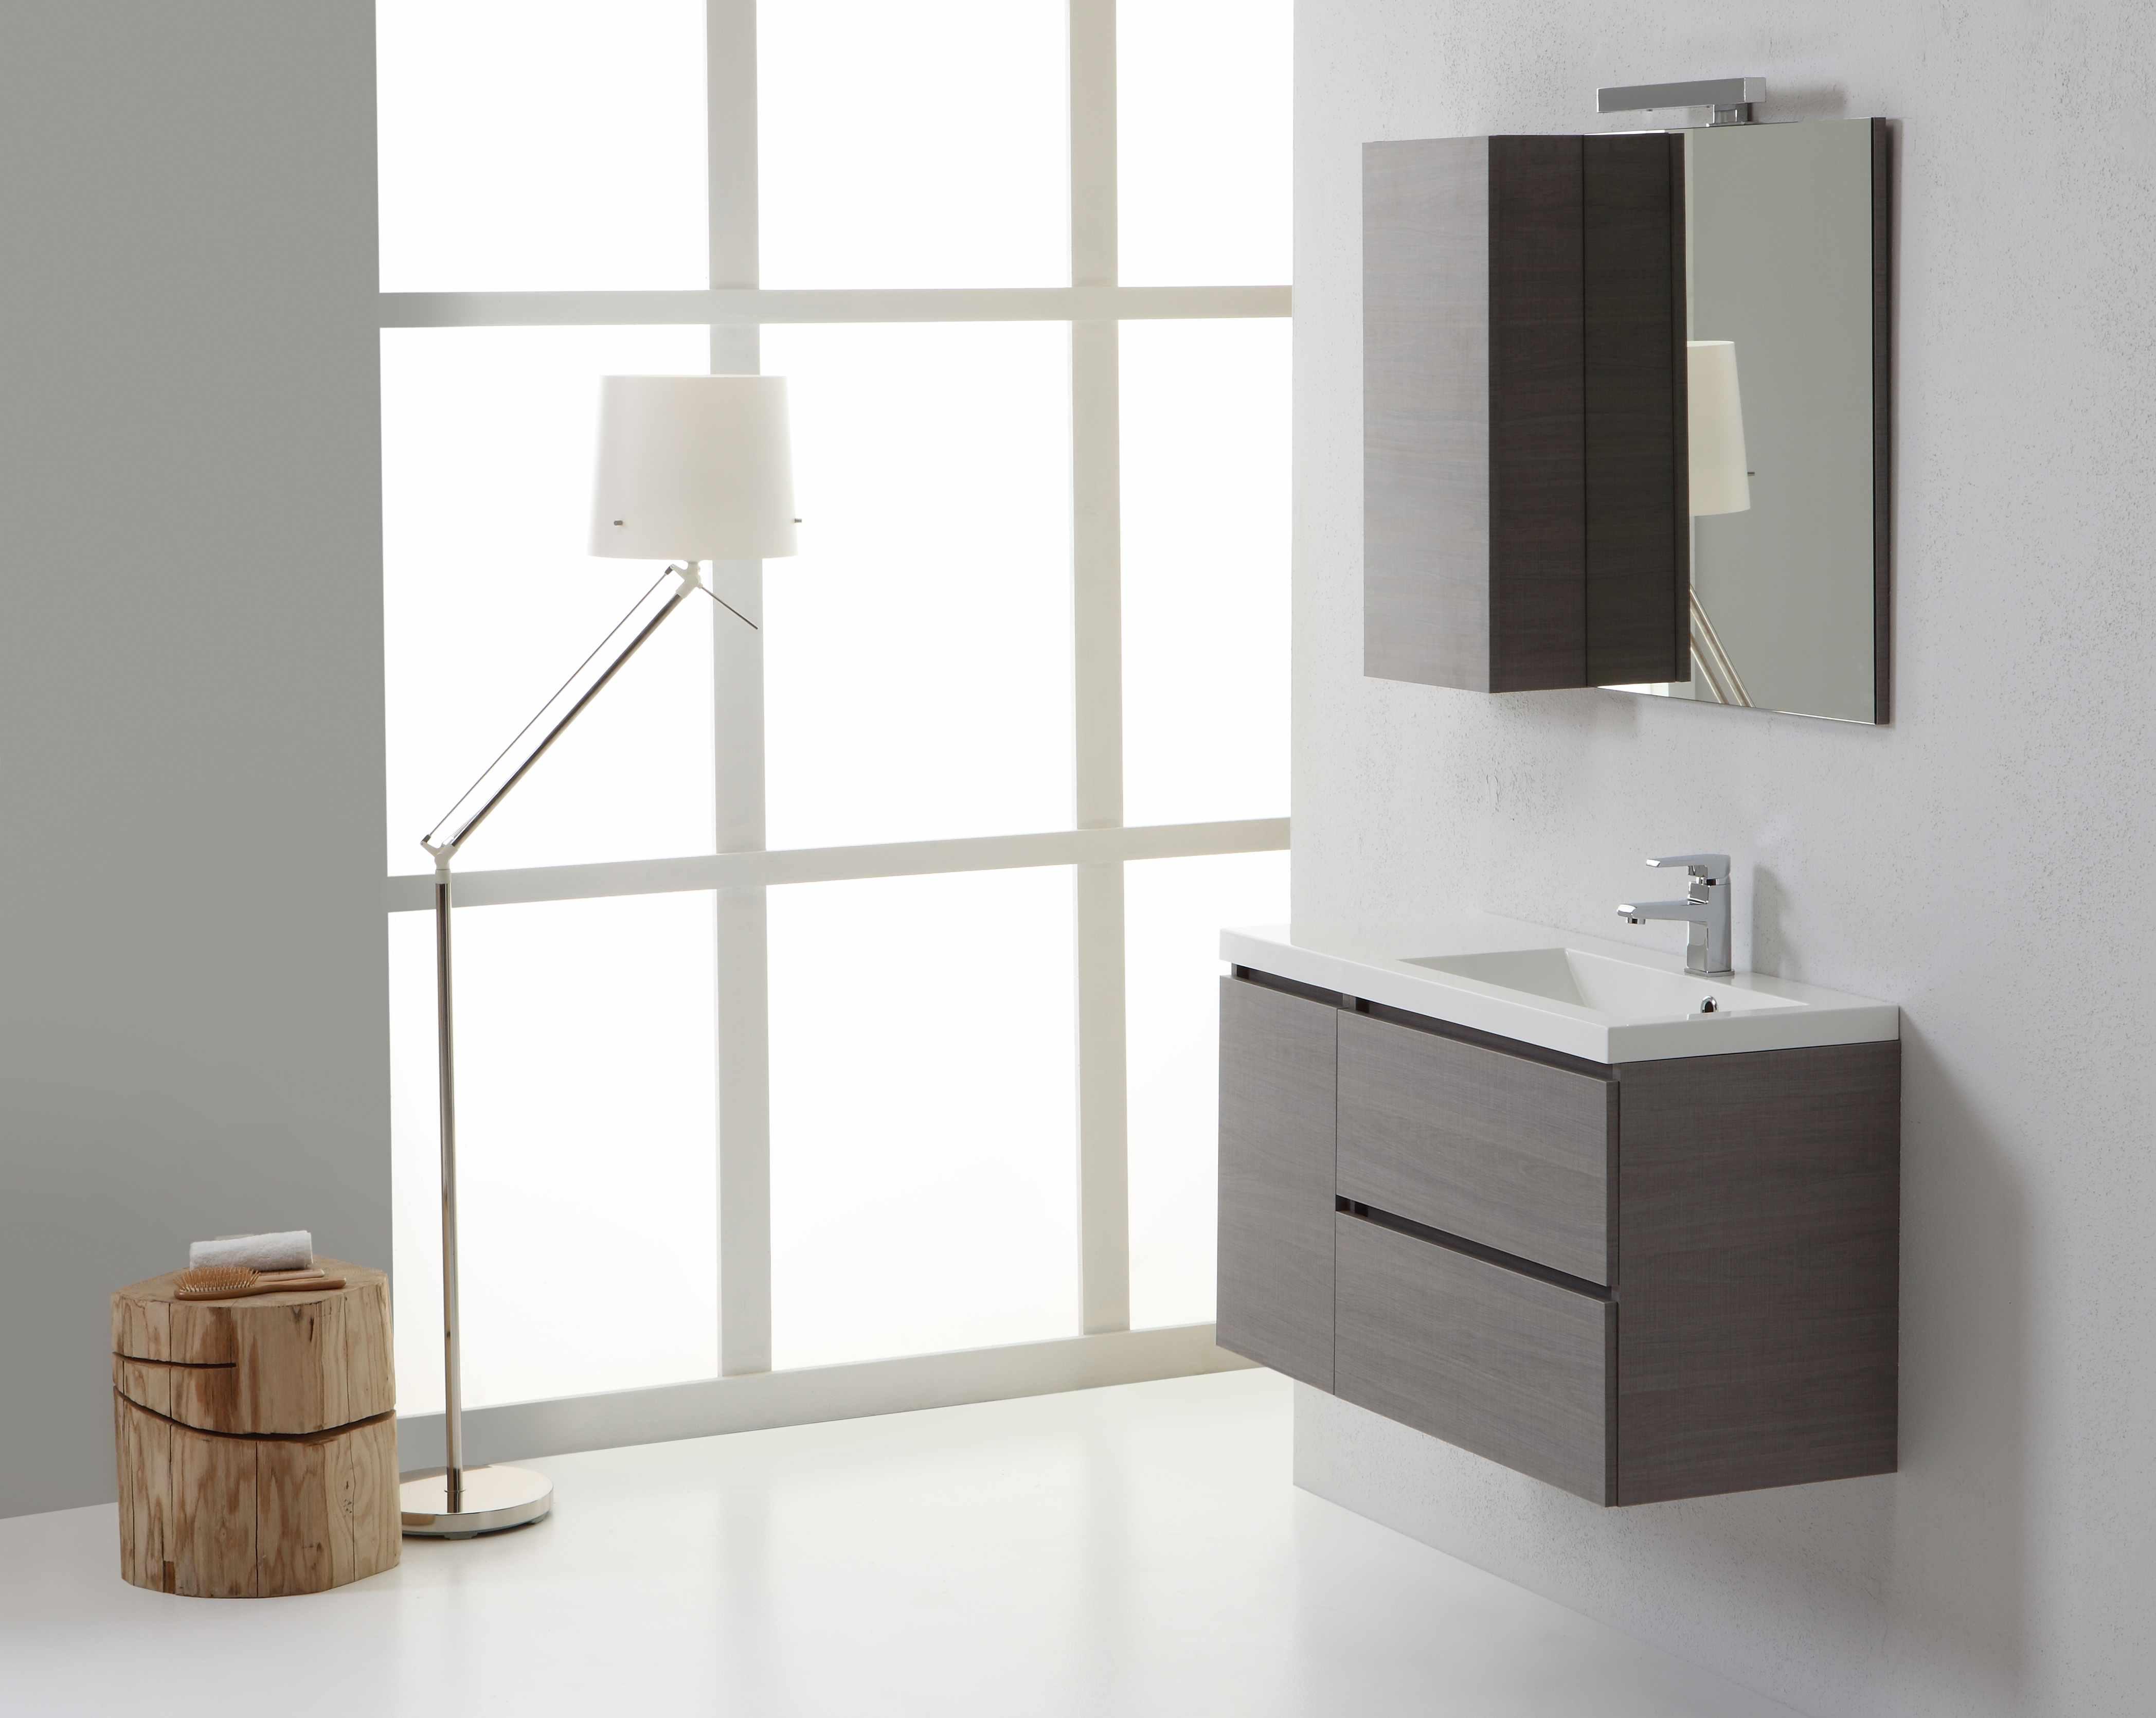 Lo stile minimal di manhattan nell 39 arredo bagno - Mobiletto bagno ...